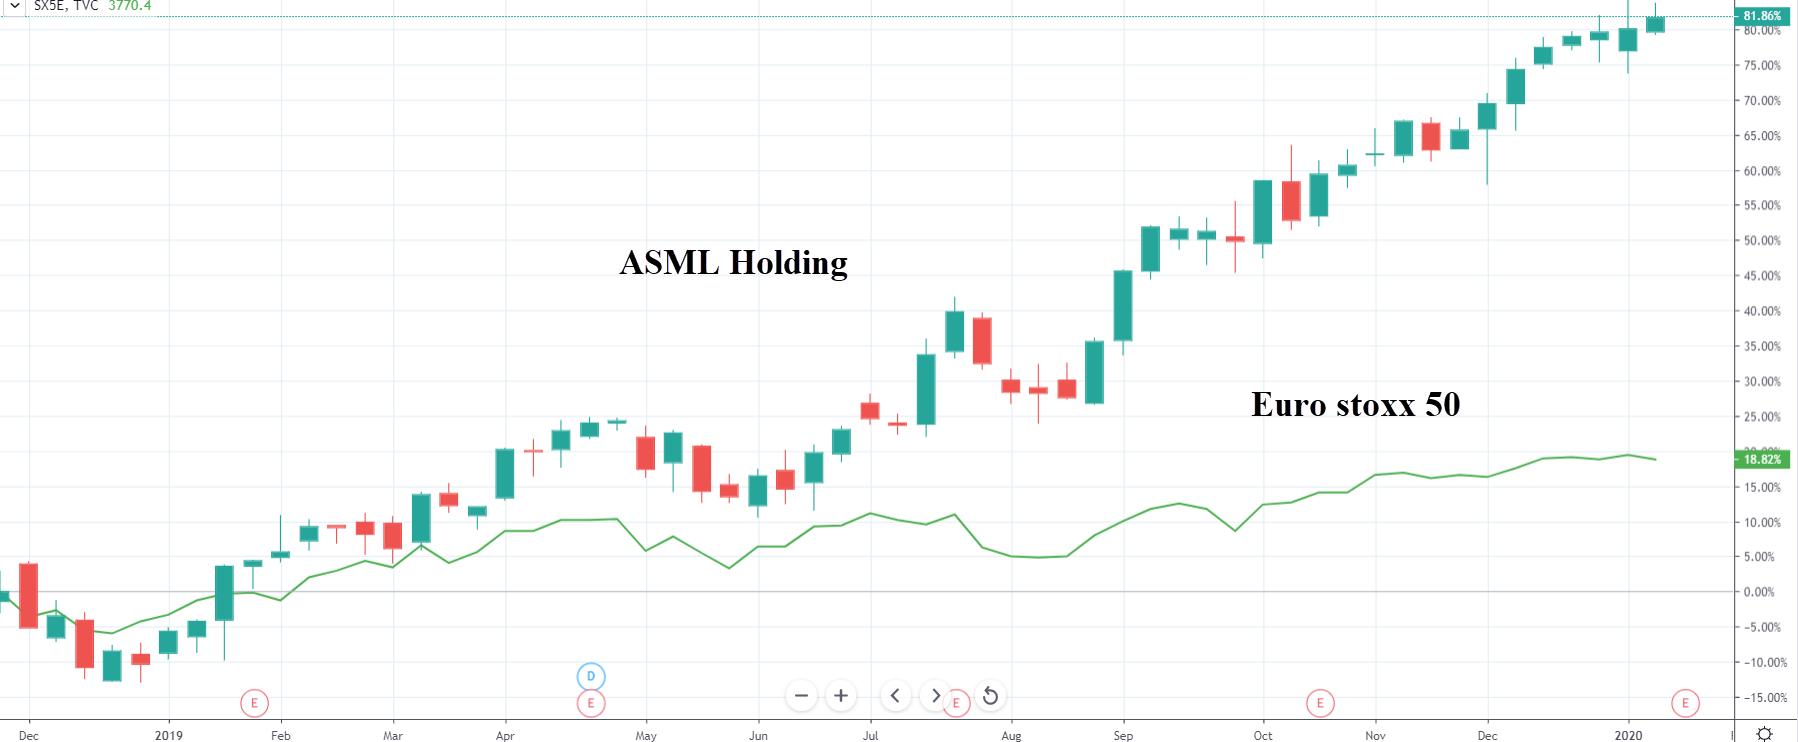 Srovnání výkonnosti akcie ASML Holding a indexu Euro Stoxx 50